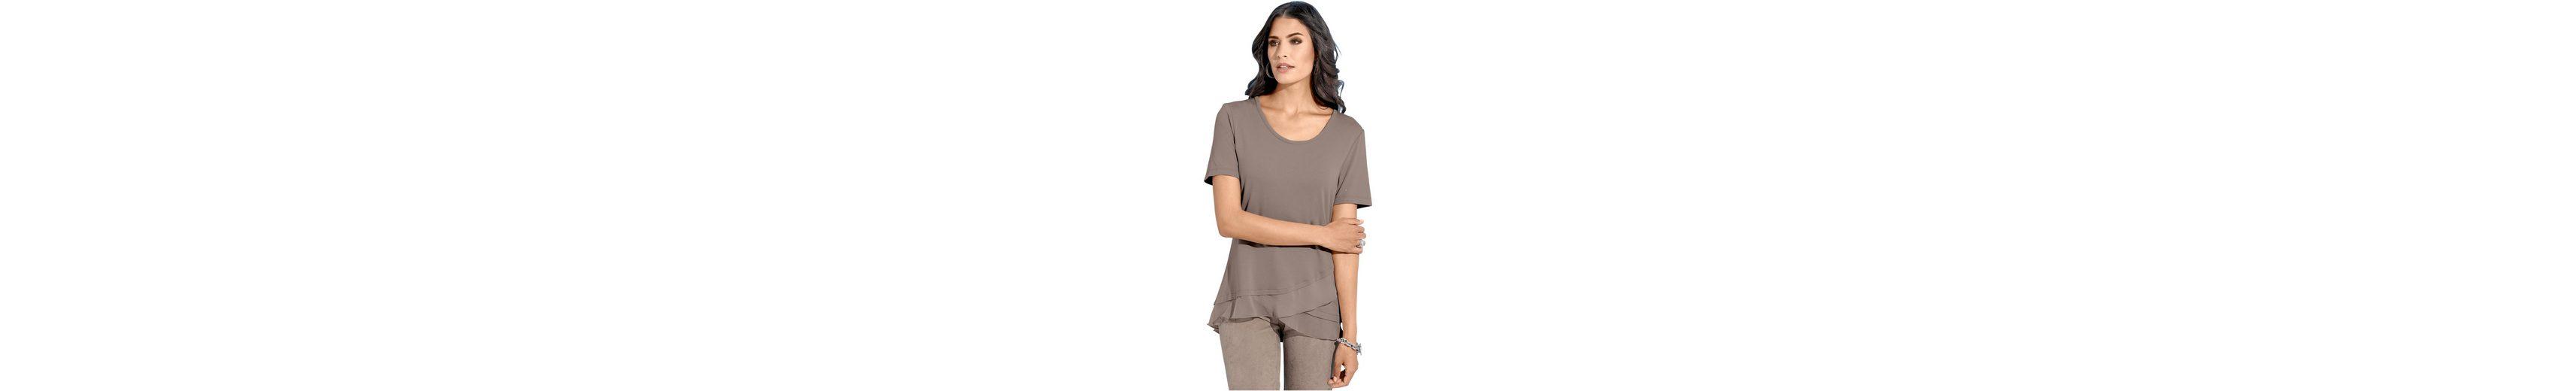 Rabatt 2018 Neue Niedriger Preis Zu Verkaufen Création L Shirt mit Volants aus feinem Chiffon Preiswerte Qualität it9SJ0oqqM